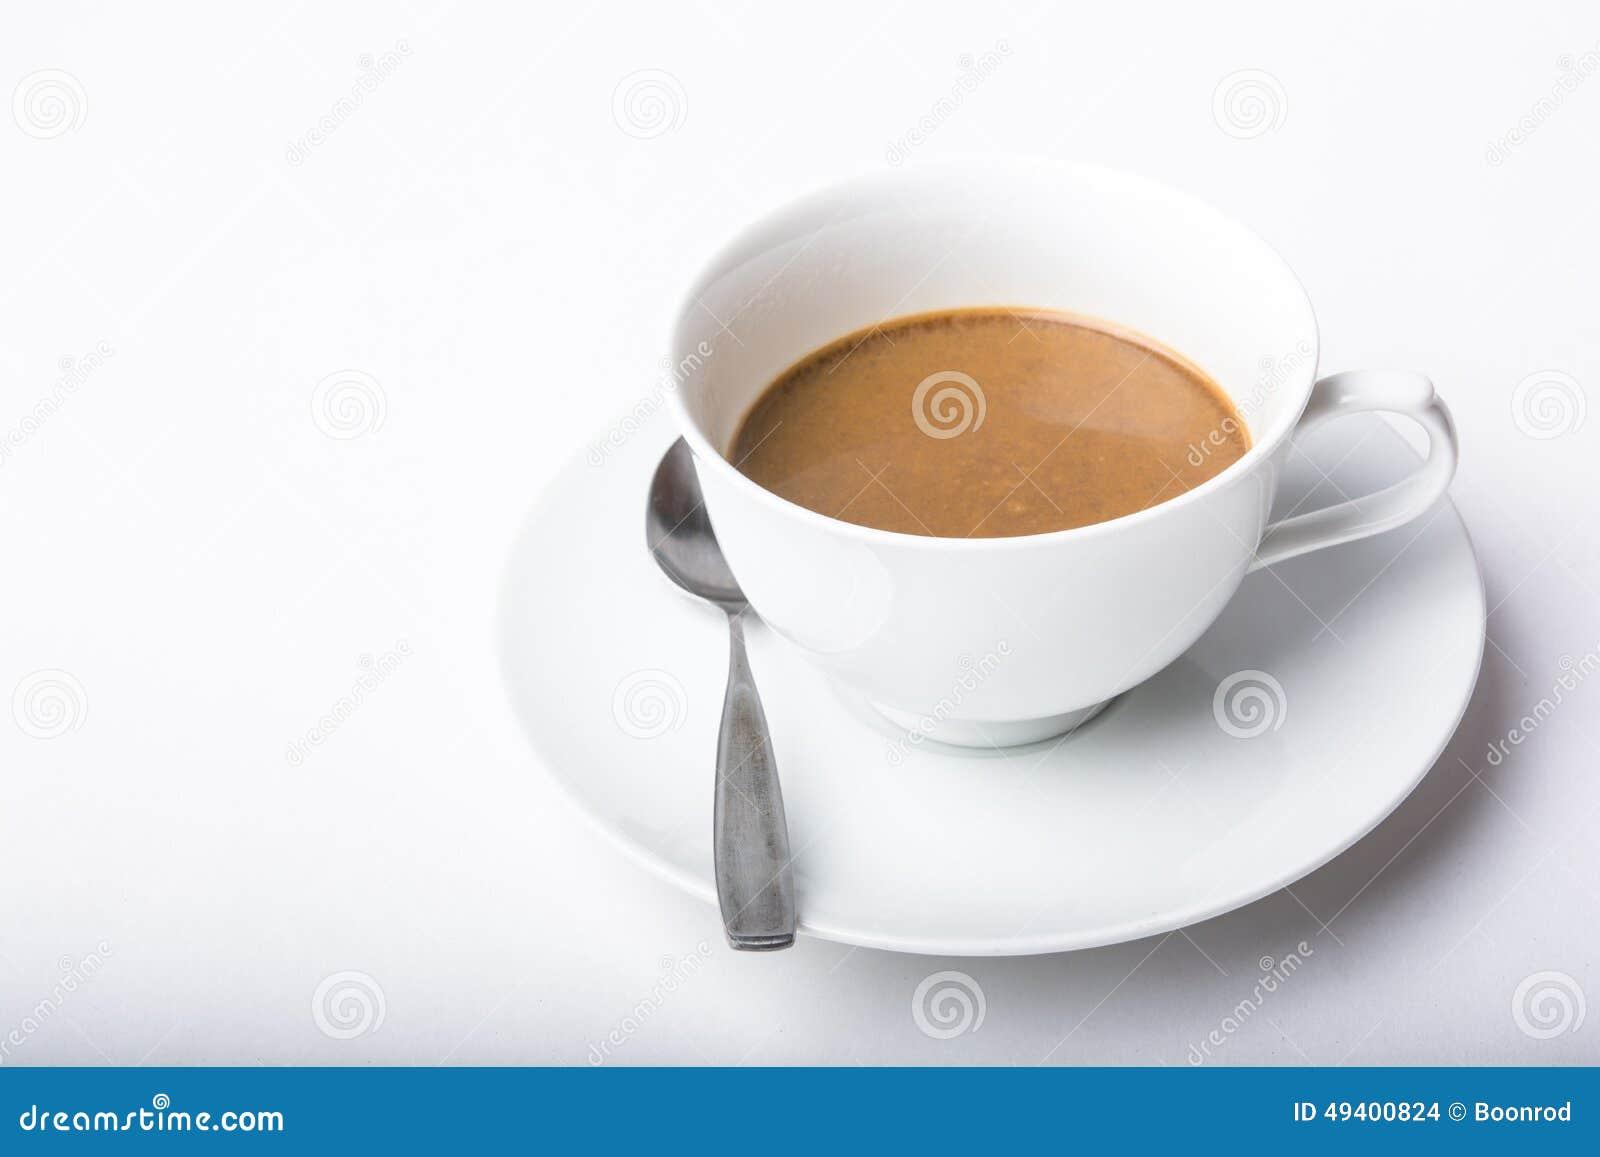 Download Tasse Kaffee stockfoto. Bild von ansicht, frech, frühstück - 49400824